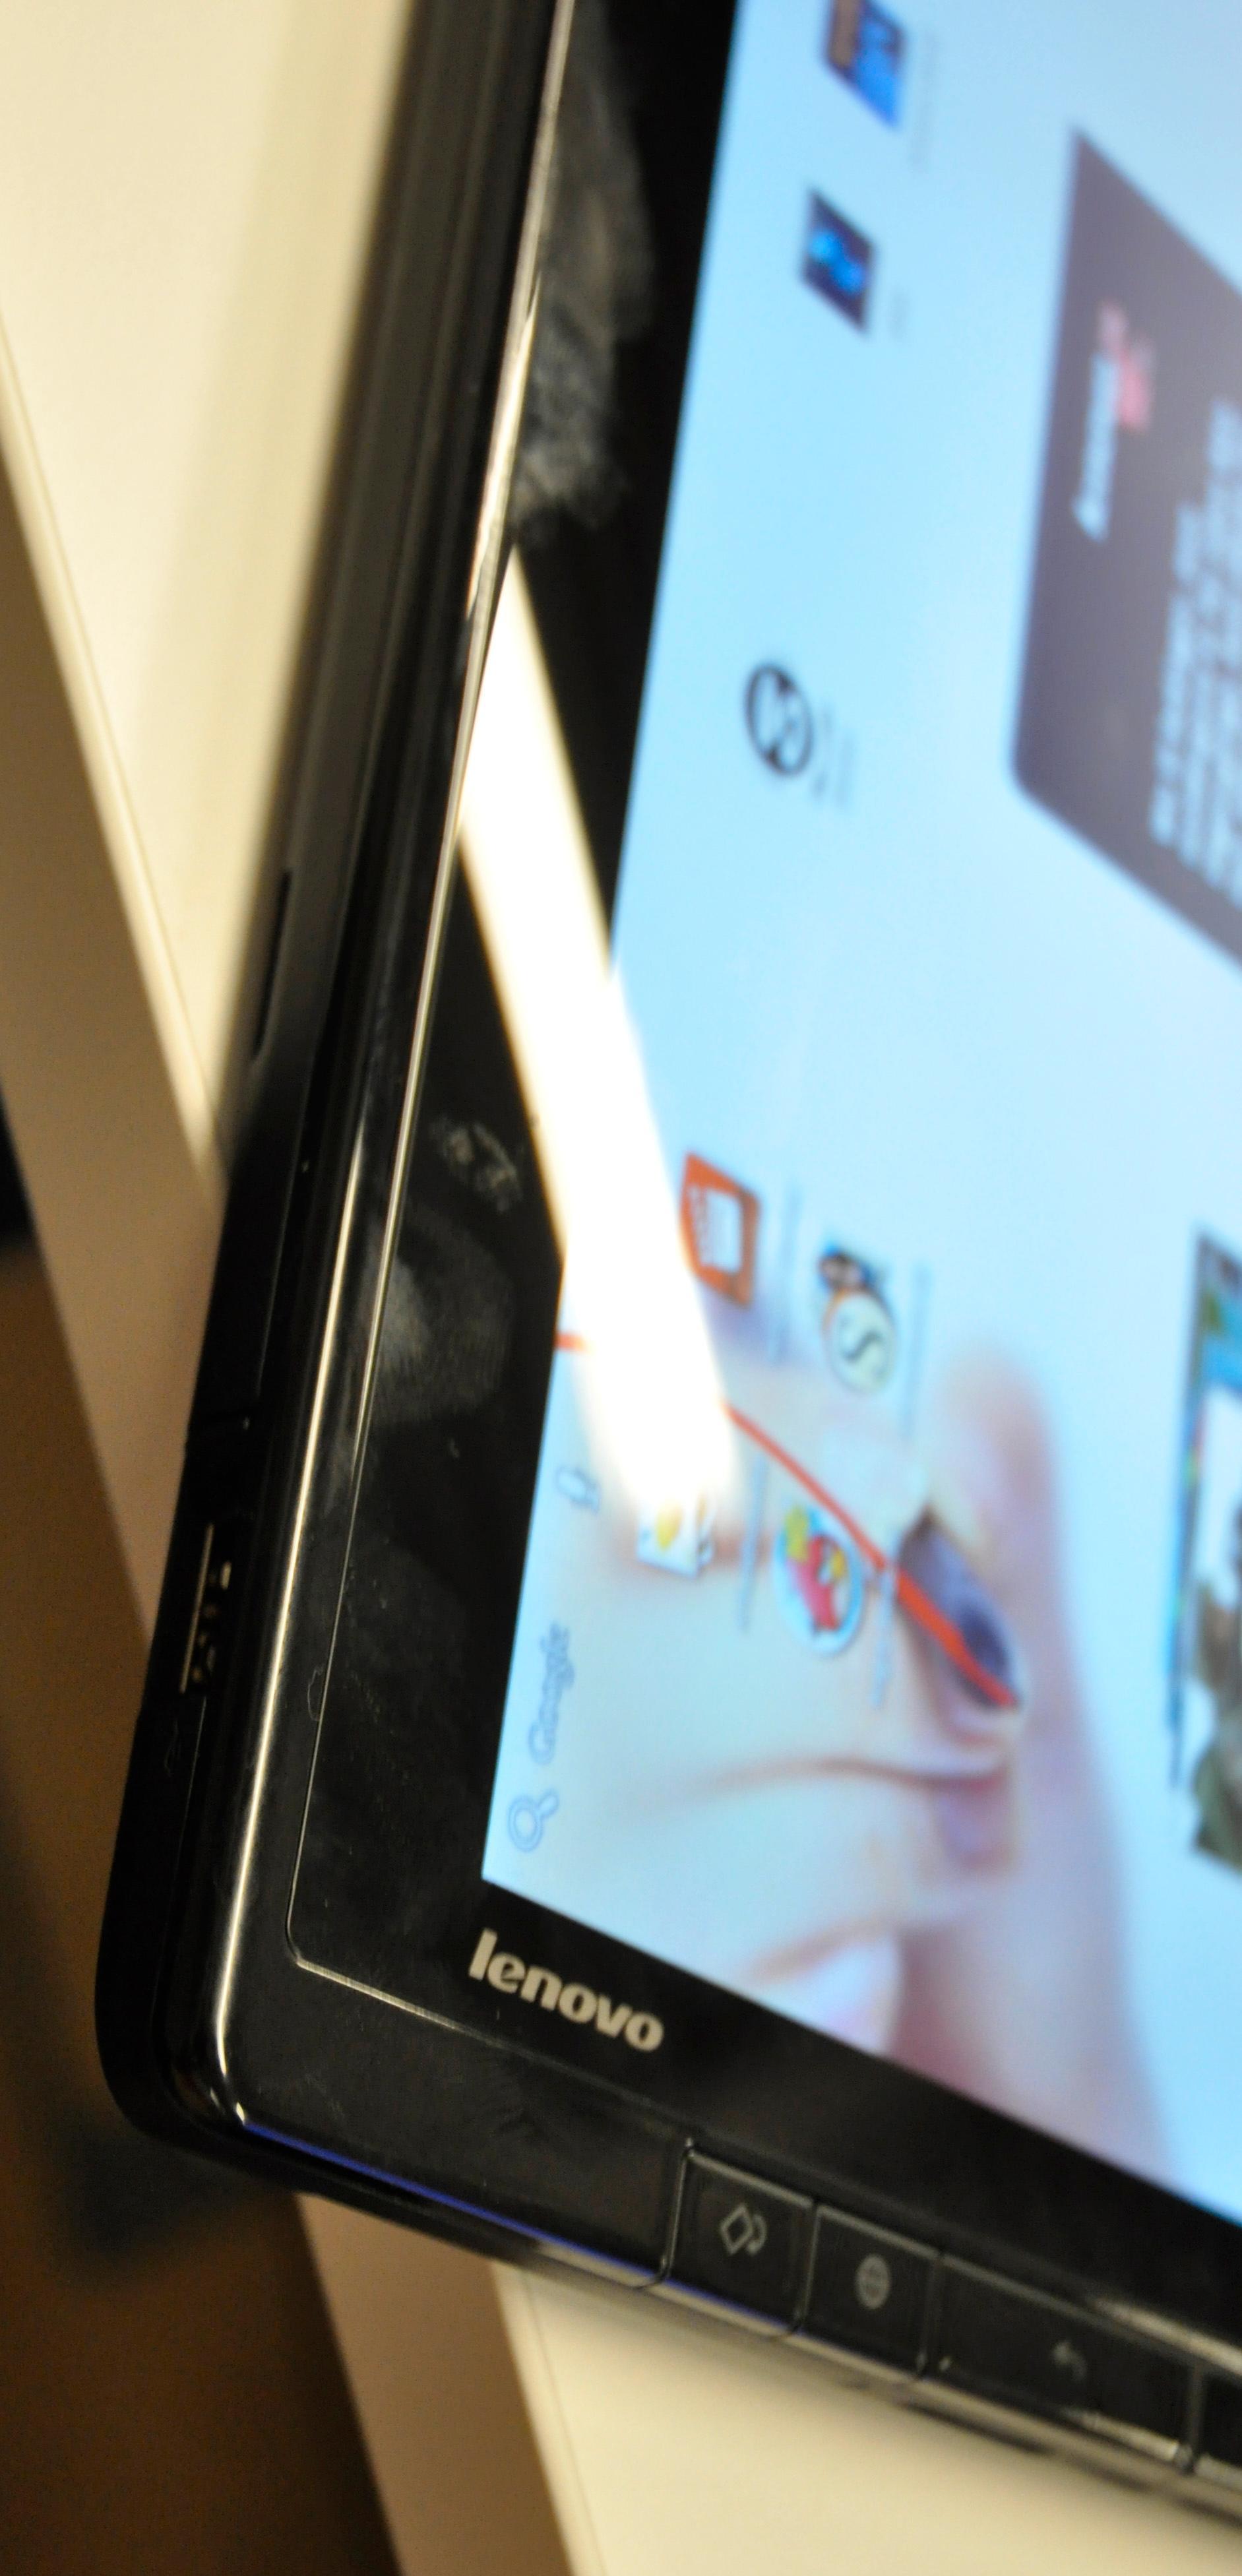 ThinkPad Tablet er ikke av de tynneste nettbrettene, men i forhold til hvor mye Lenovo har puttet inn i brettet oppleves likevel tykkelse og tyngde som akseptable.